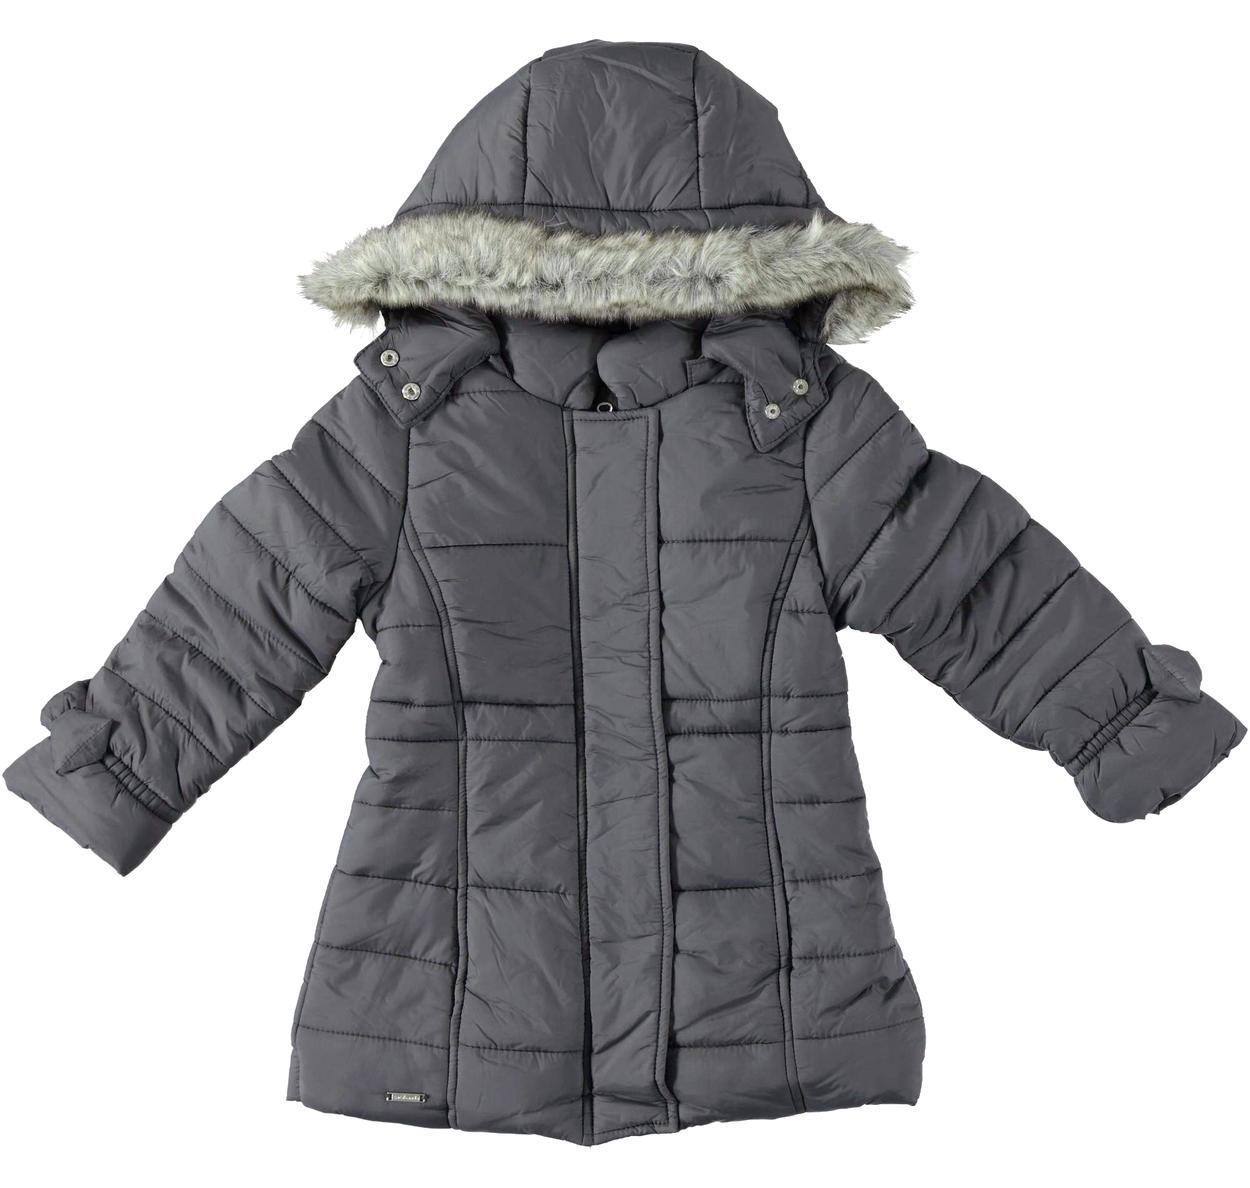 low priced b5667 bc7a0 Piumino invernale foderato in ecopelliccia e imbottito in soffice ovatta  per bambina da 6 mesi a 7 anni Sarabanda